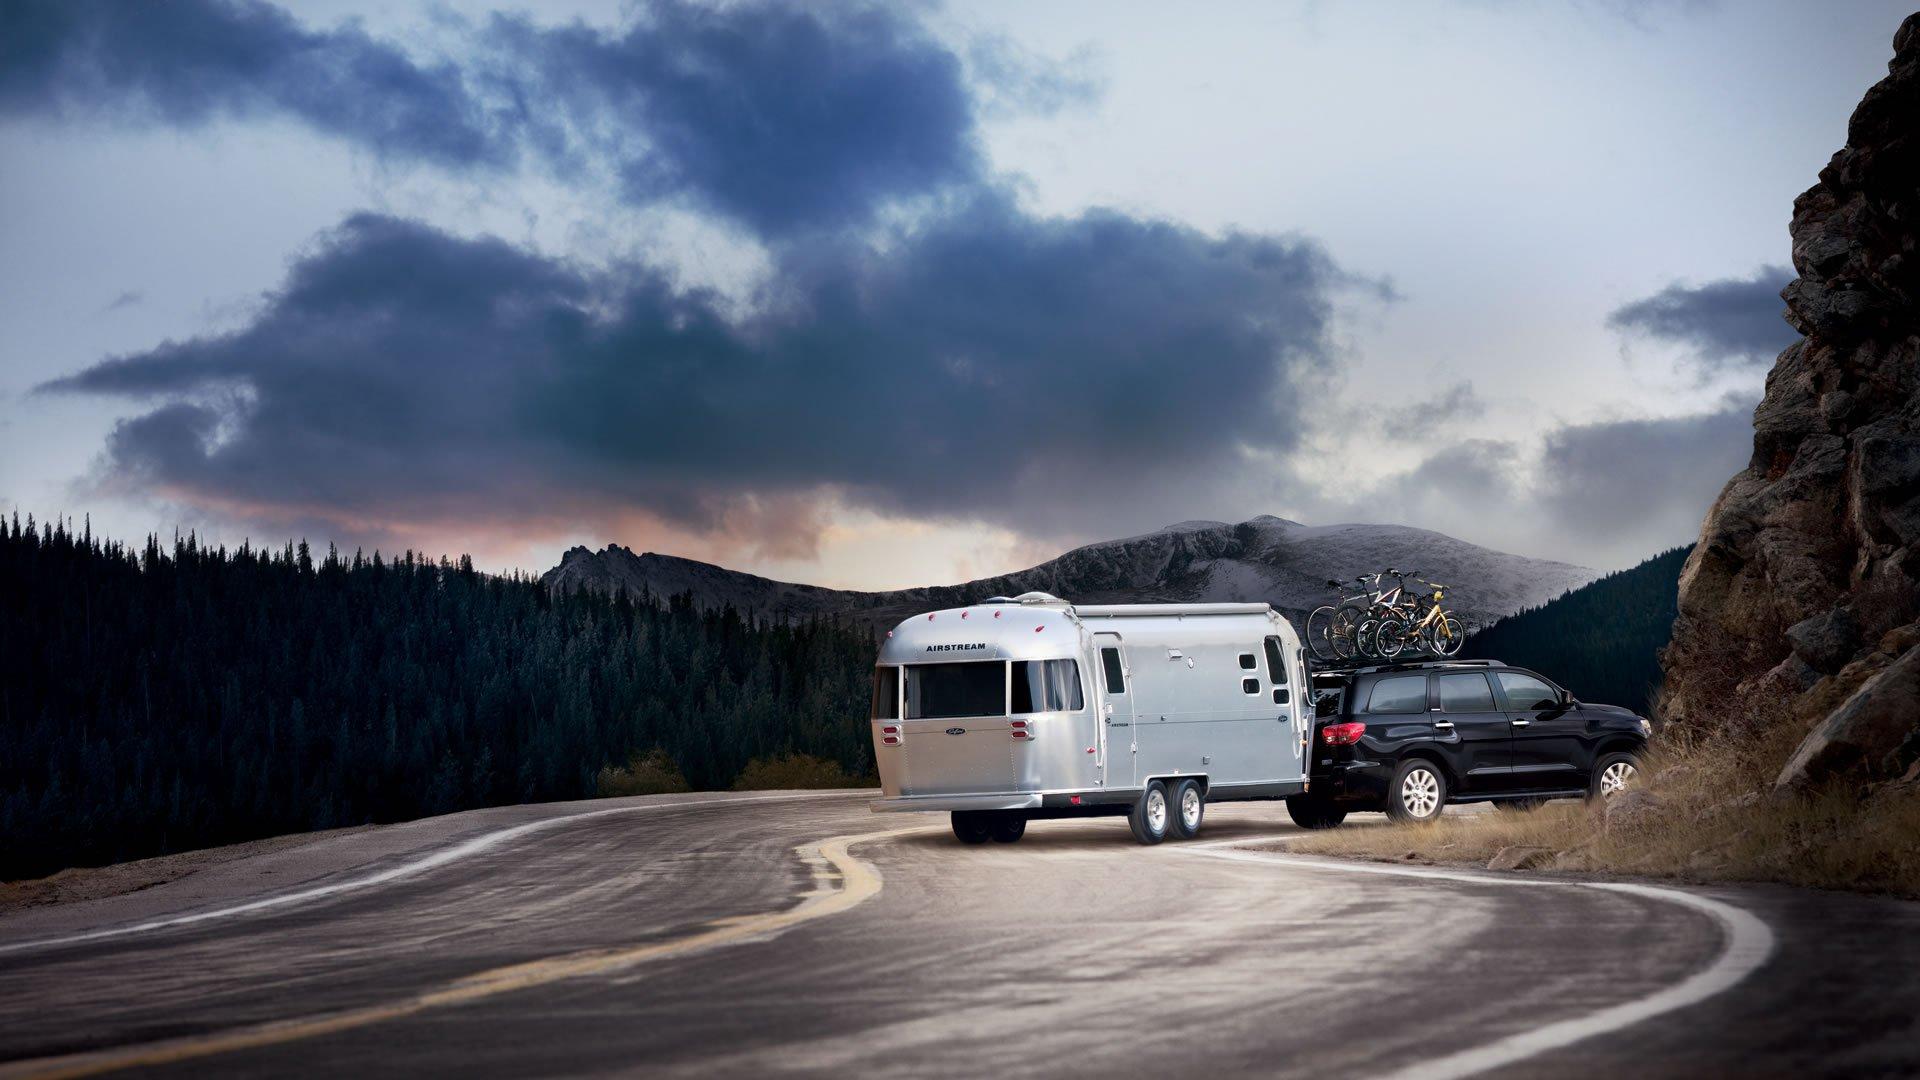 1401125742 03 - Тест-драйв Toyota Sequoia (2014)